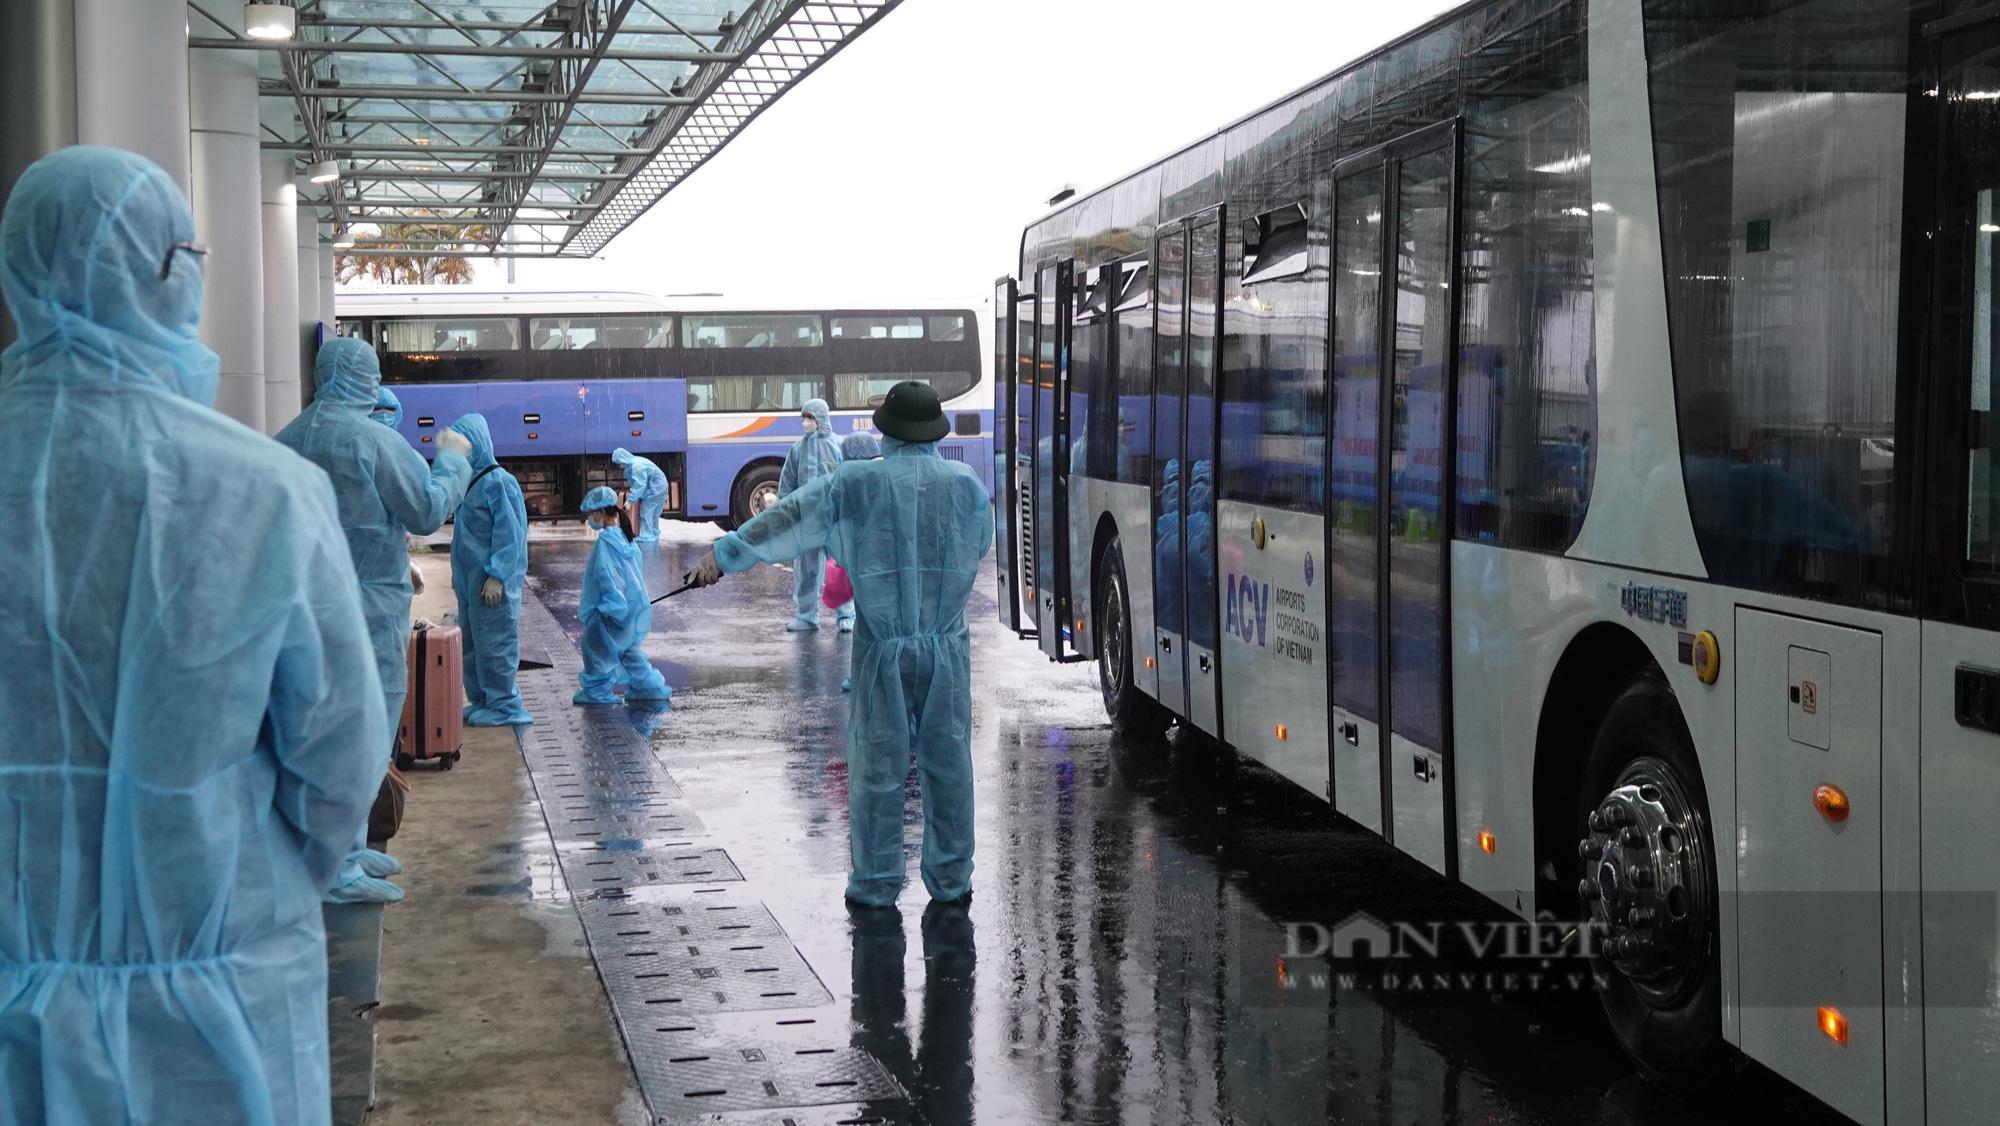 Chuyến bay đầu tiên chở gần 200 công dân từ TP.HCM về Gia Lai - Ảnh 2.